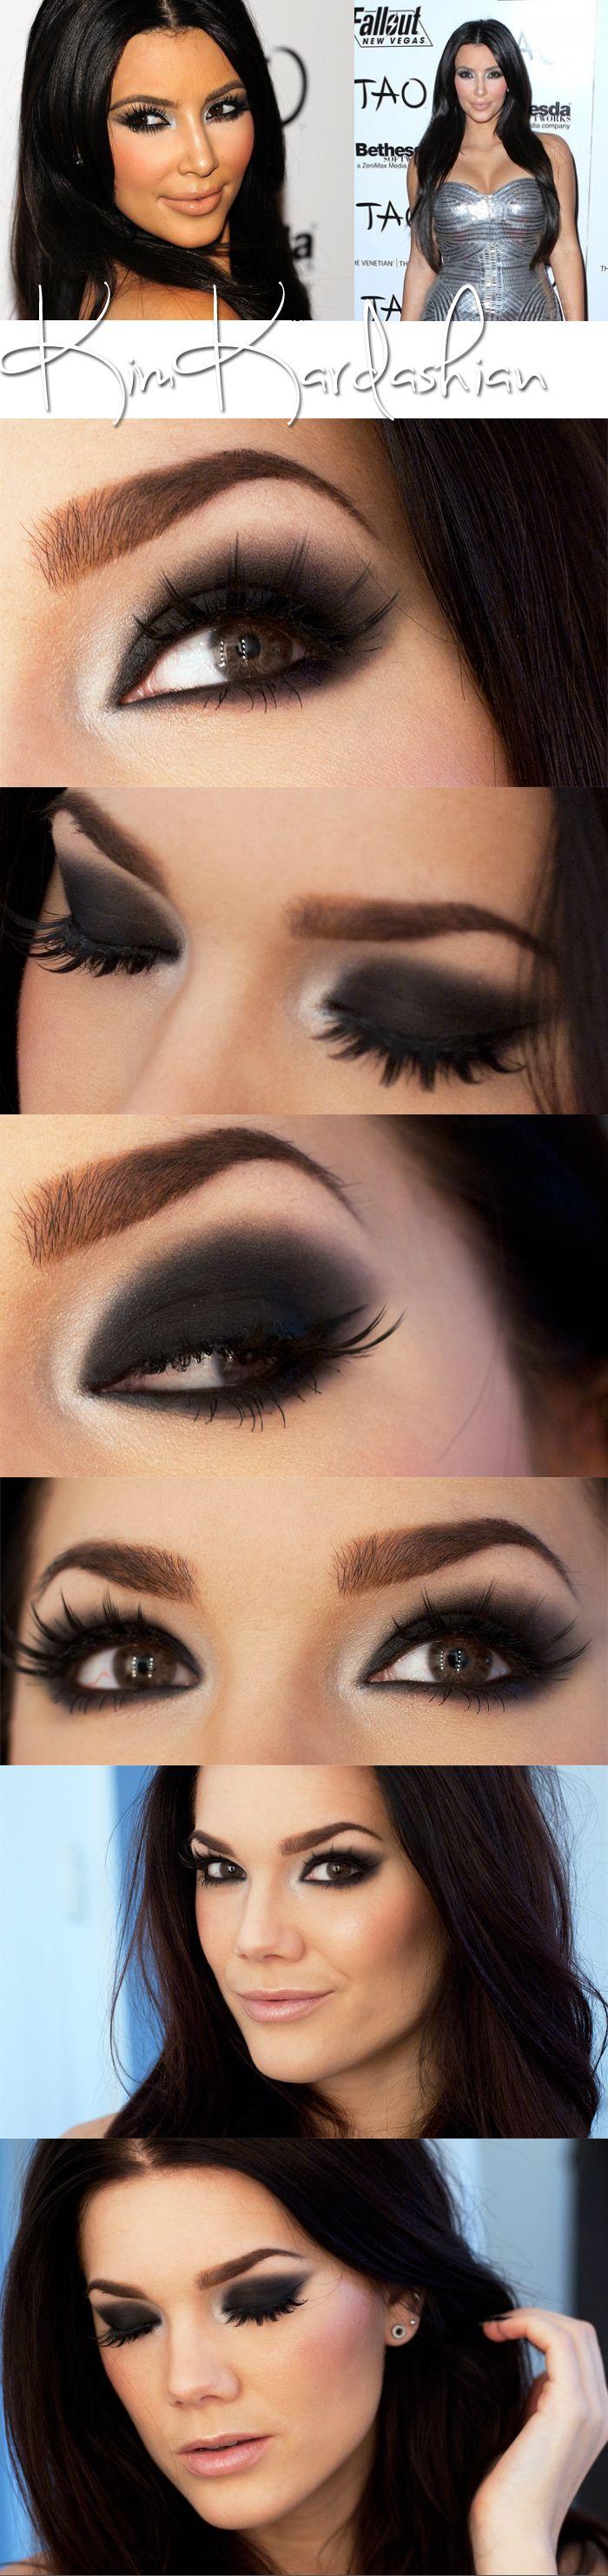 Today's look inspired by Kim Kardashian ~ Linda Hallberg, makeup artist....Like but in darkest brown